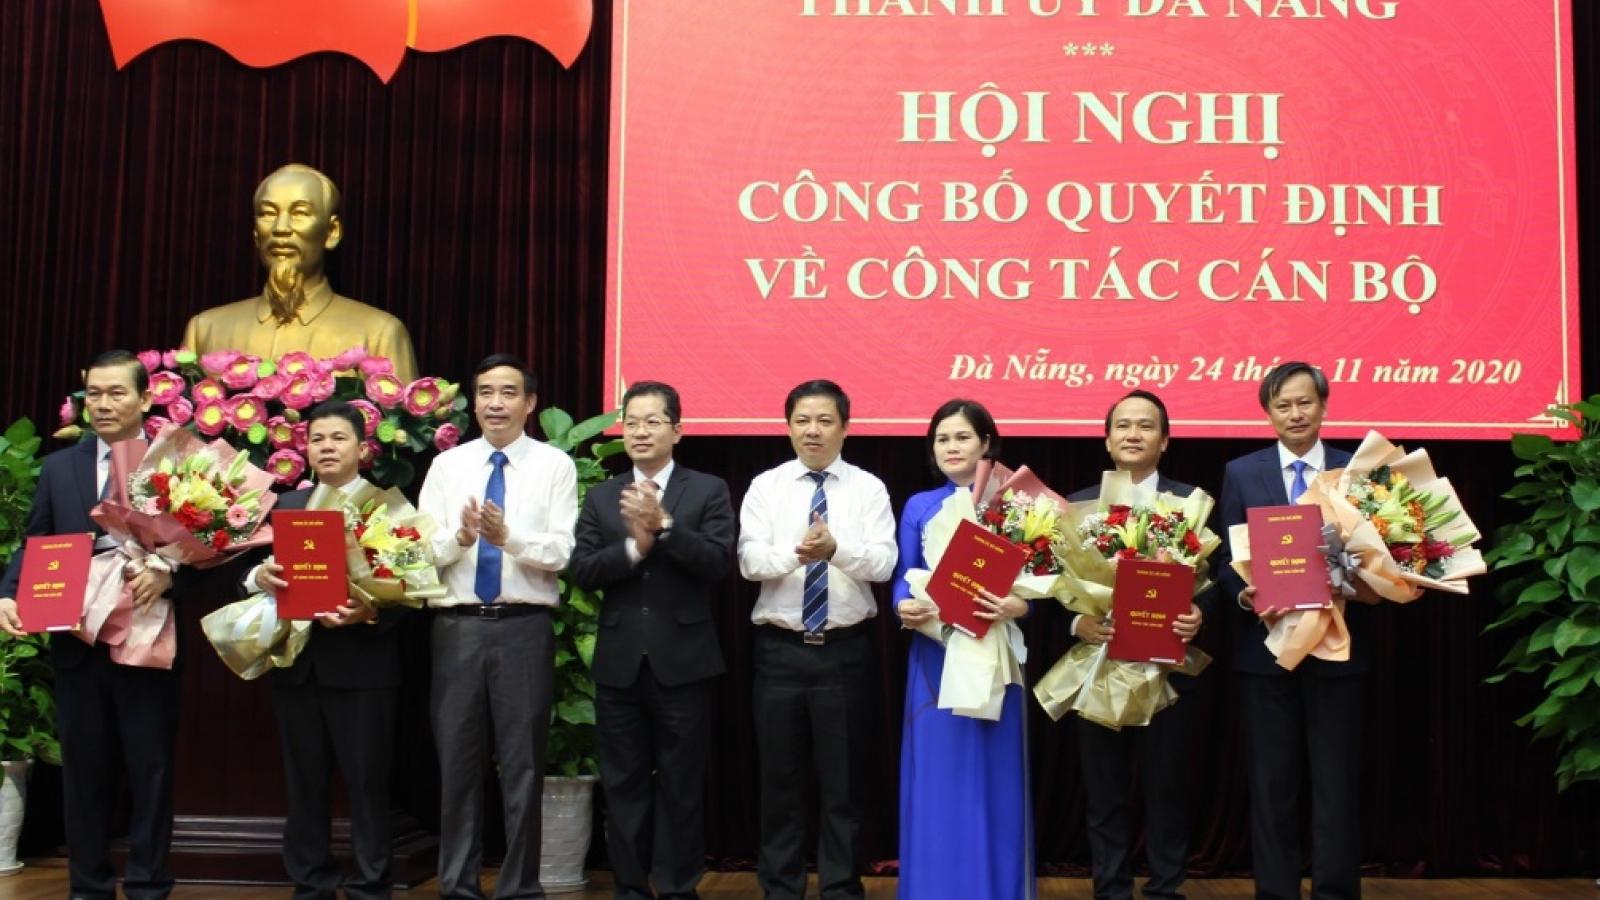 Đà Nẵng công bố việc phê chuẩn, điều động nhiều vị trí chủ chốt